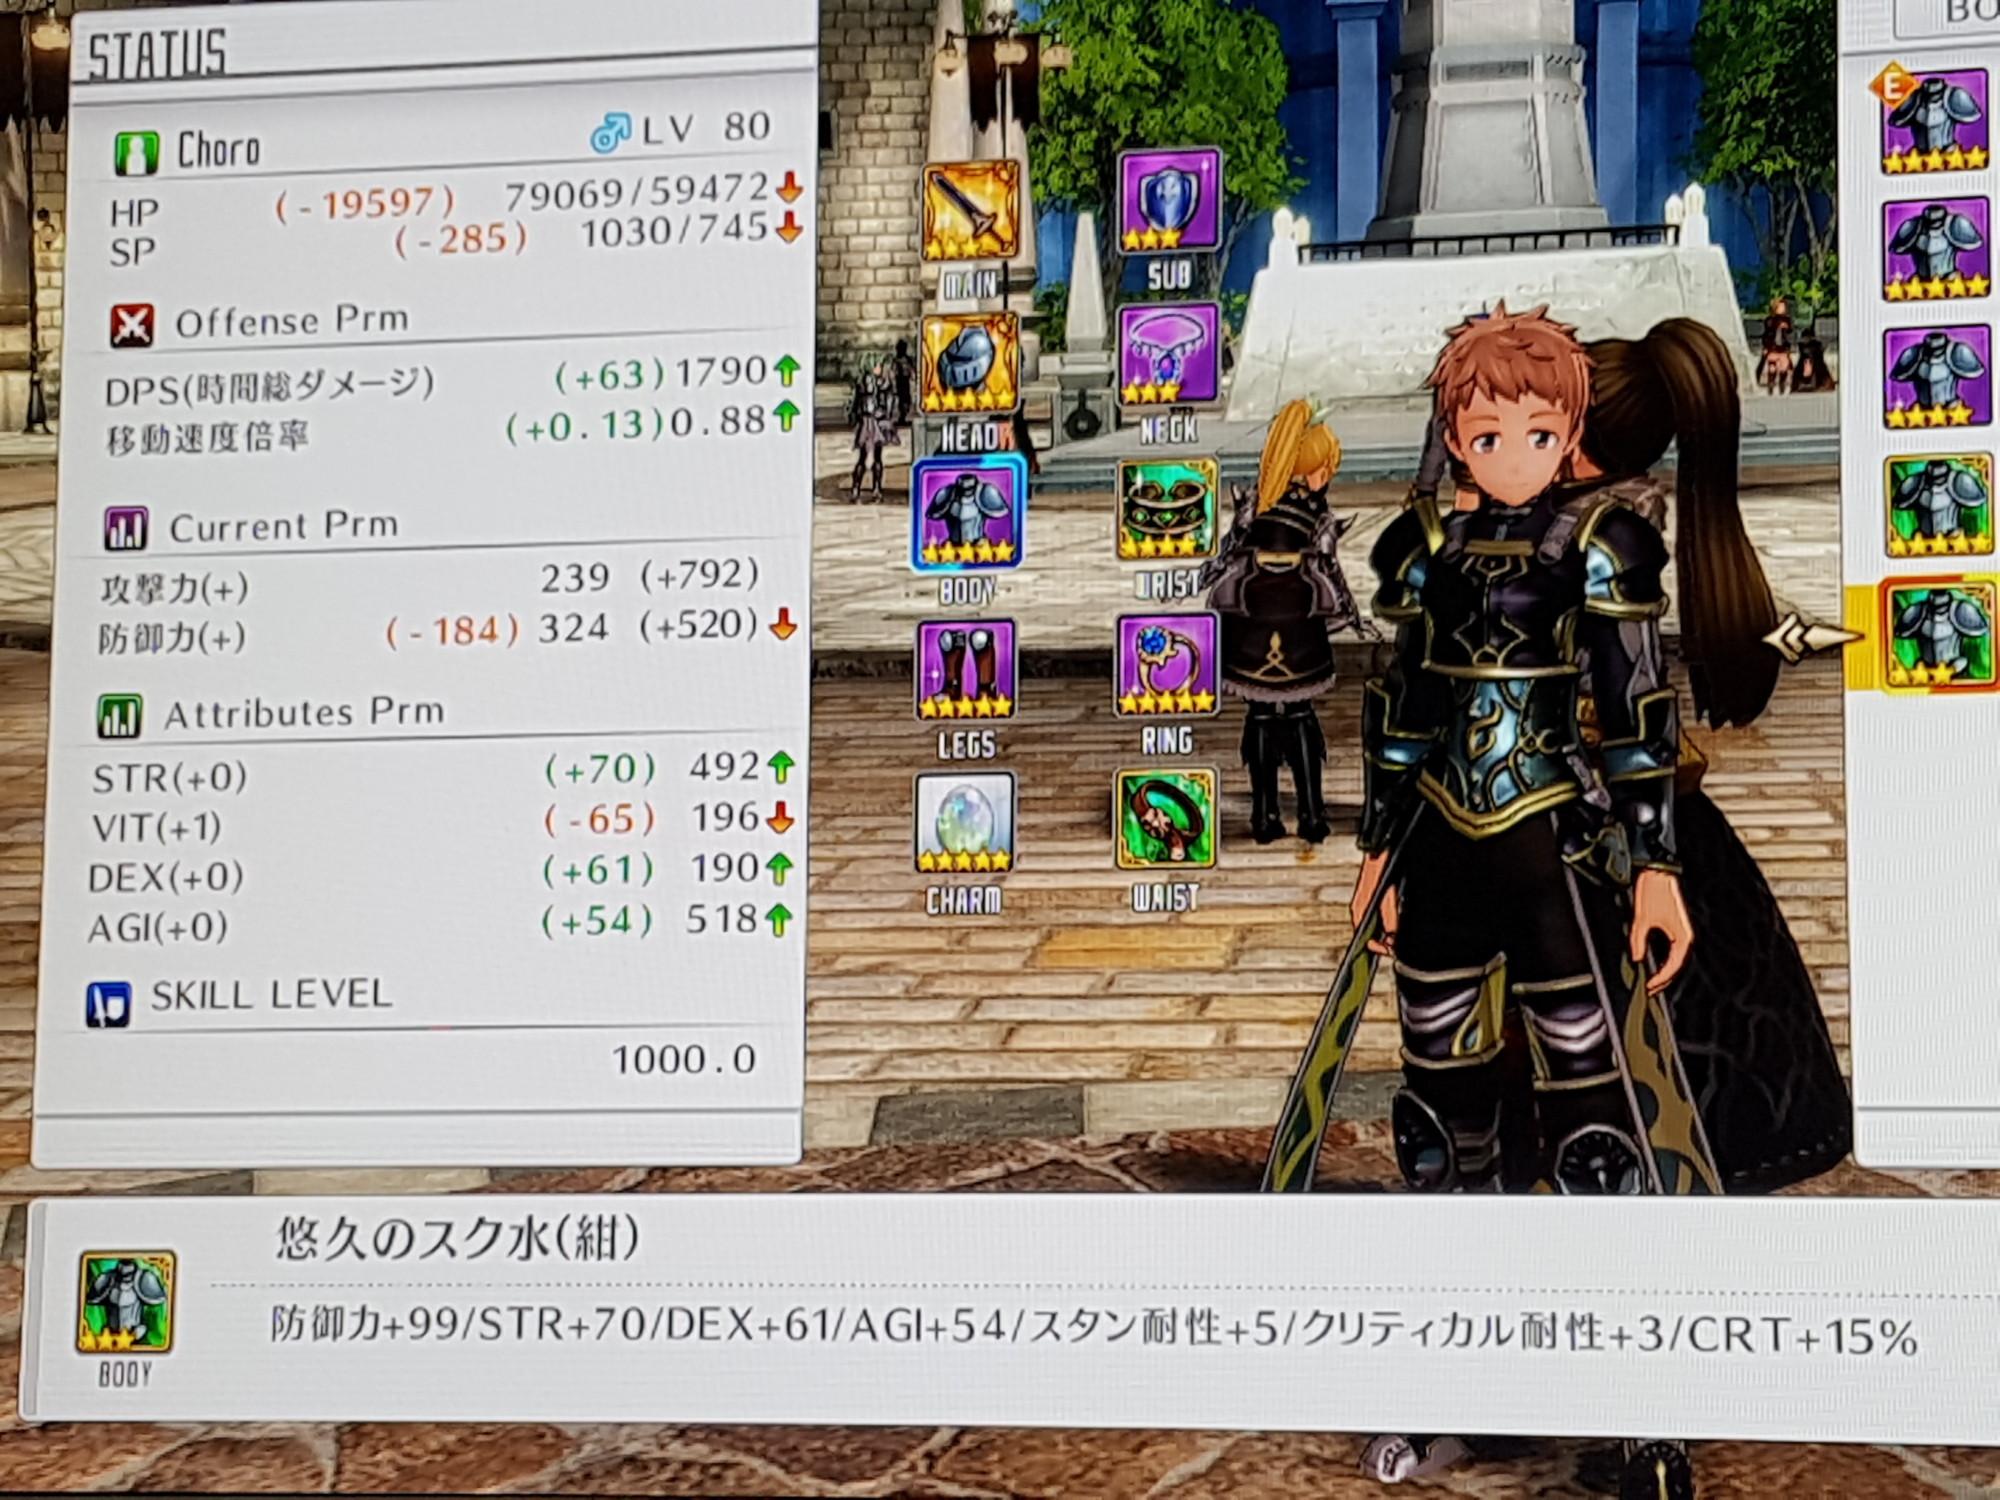 SAO HR 覇王級レイドモンスター レギア・ザ・デモニックブルート攻略!